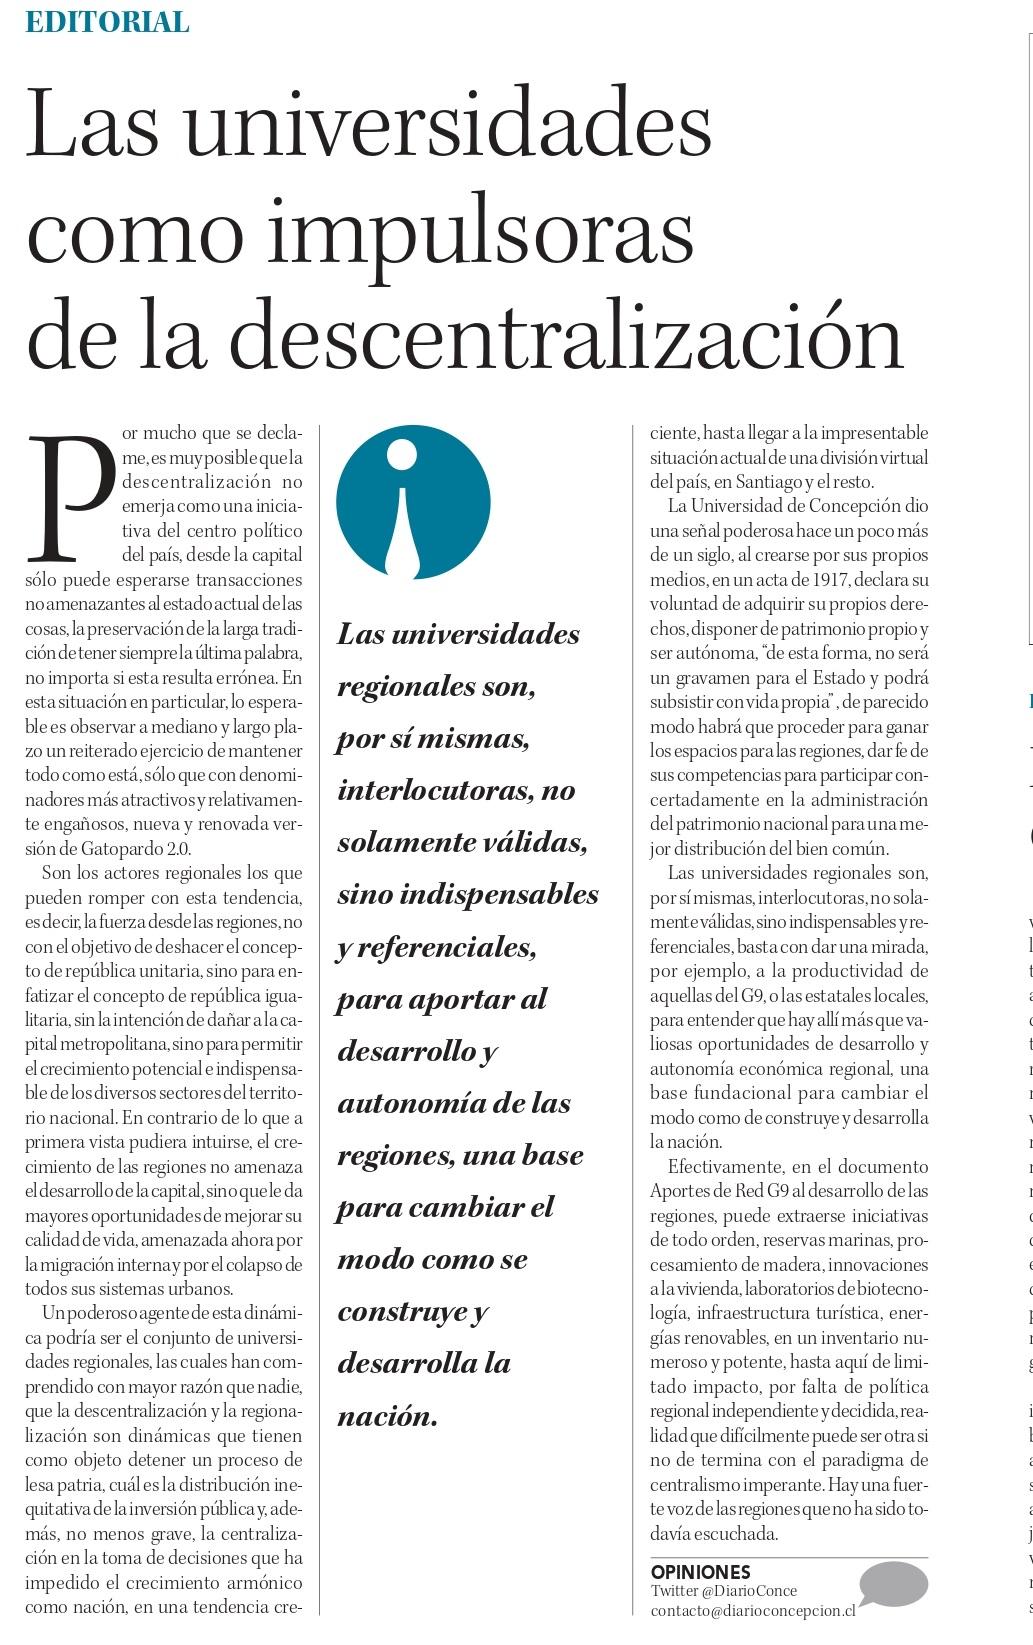 diario concepcion editorial 13.4